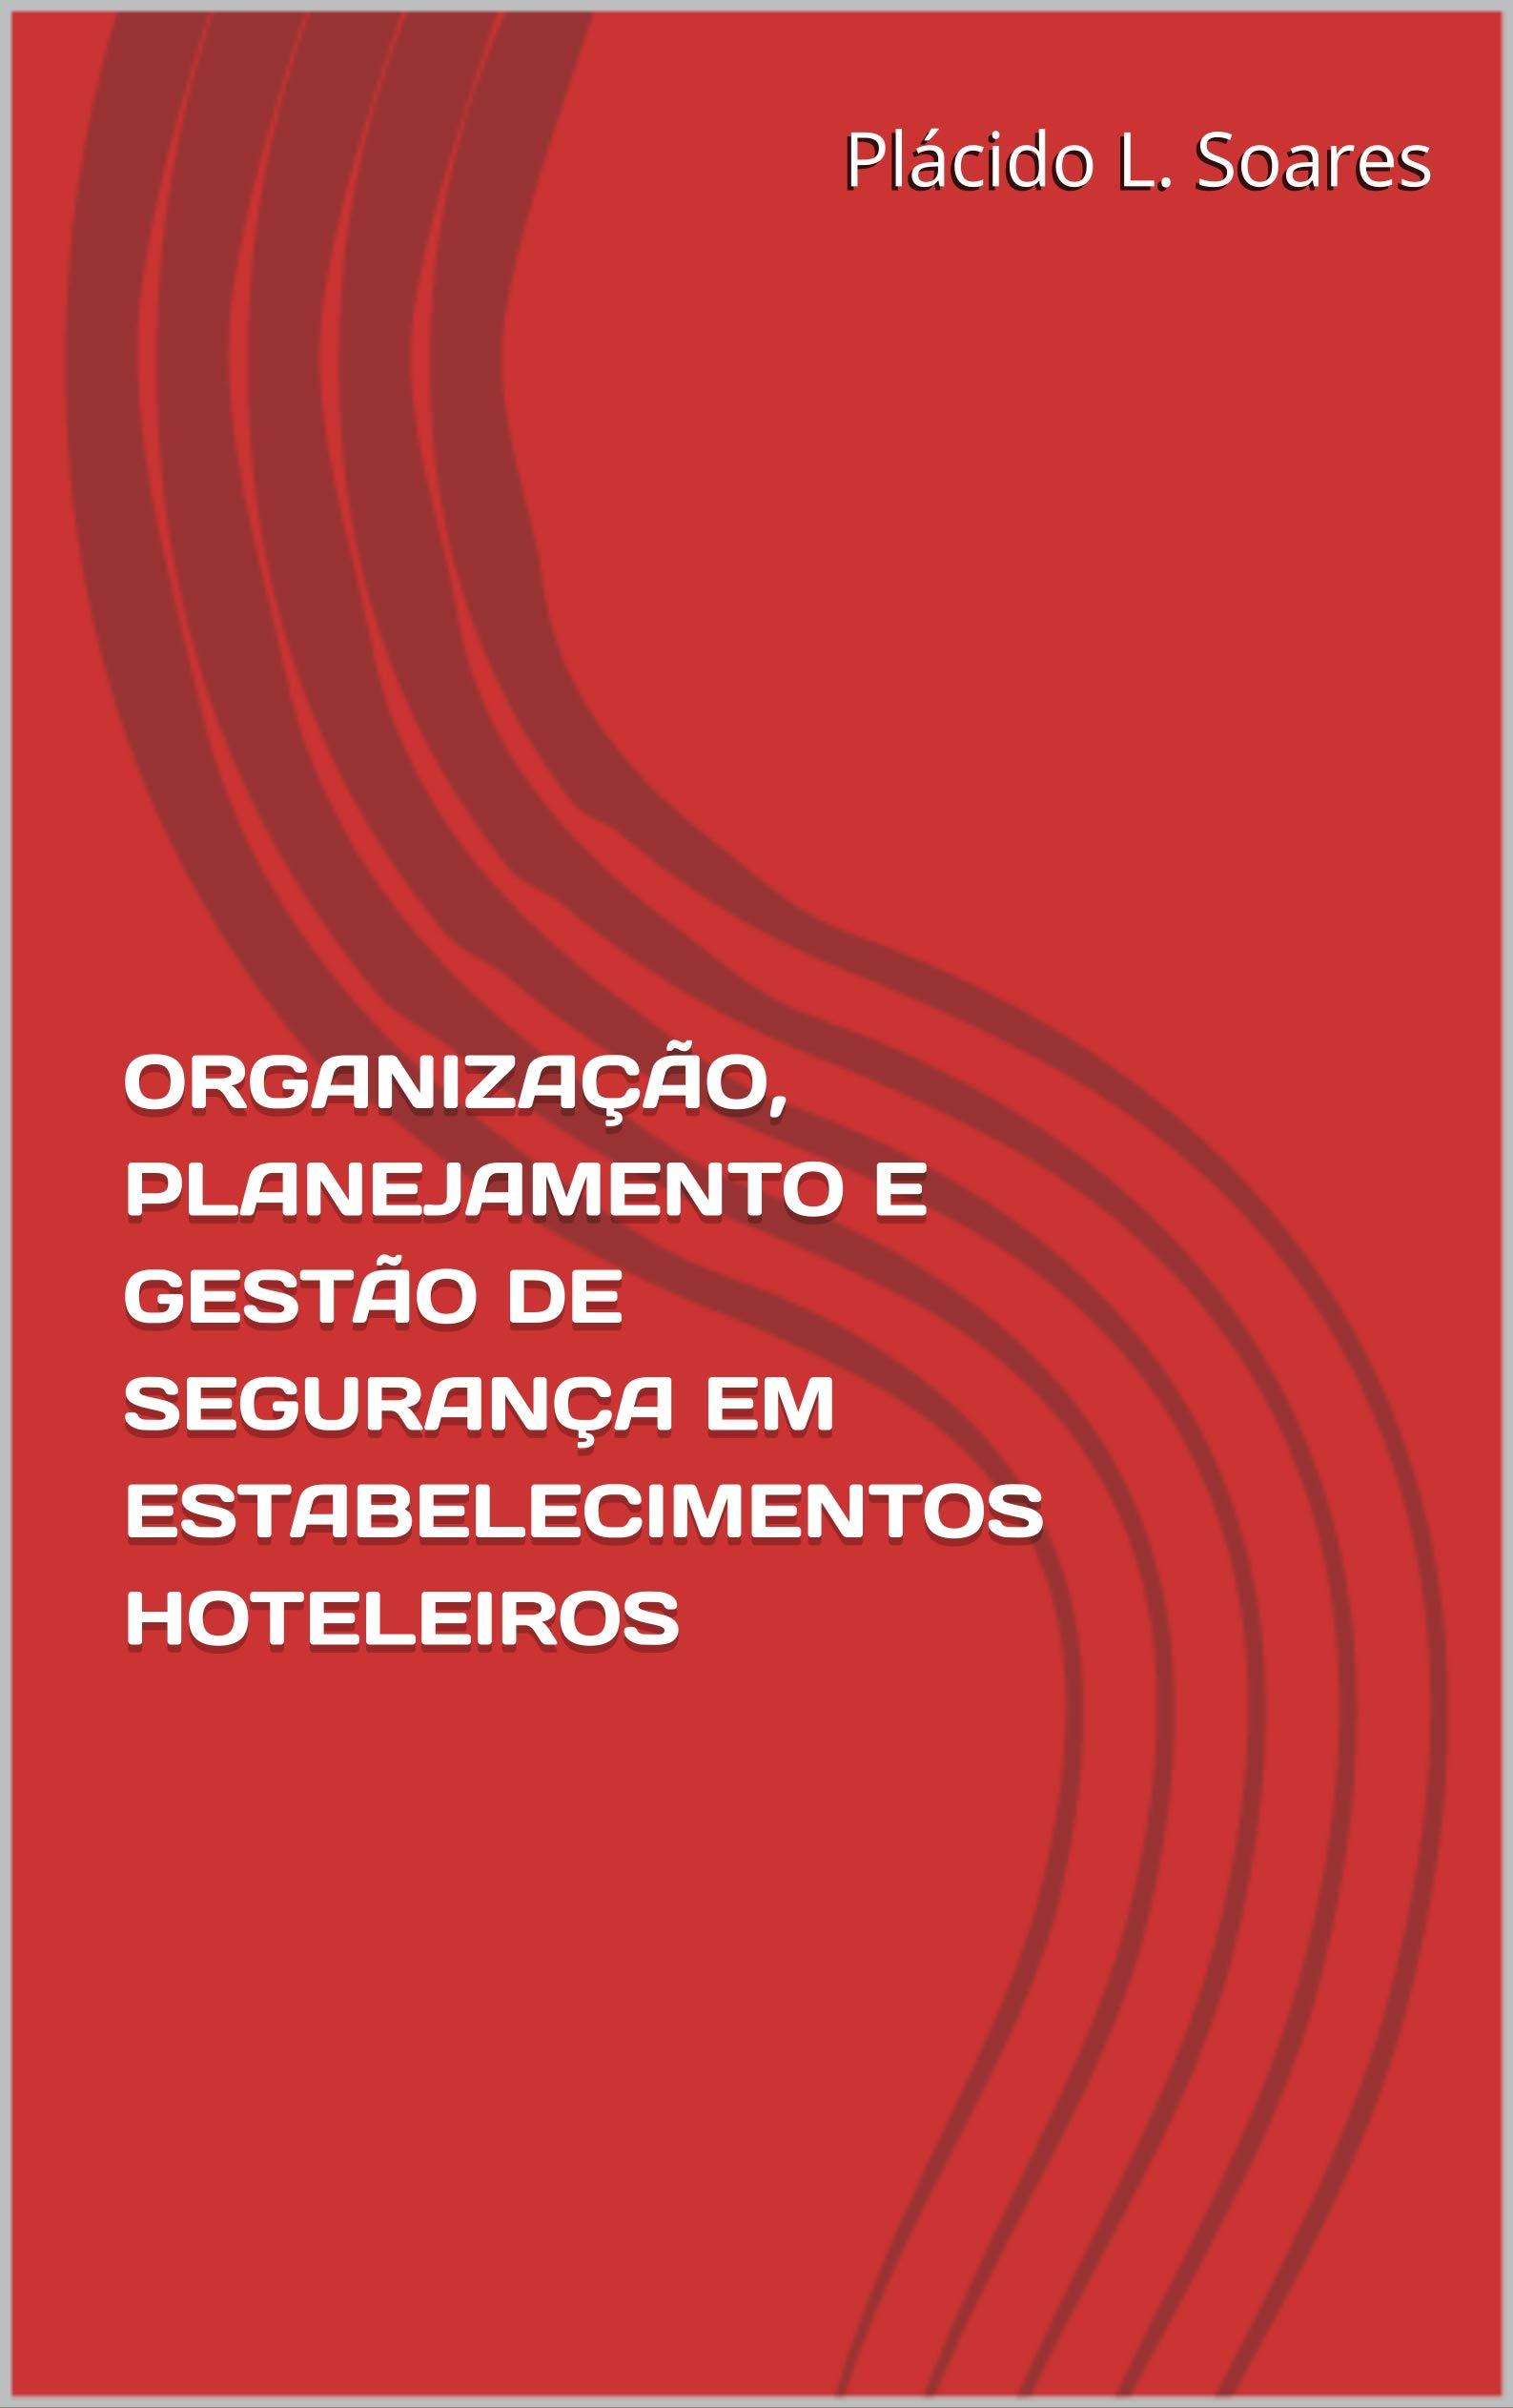 ORGANIZAÇÃO, PLANEJAMENTO E GESTÃO DE SEGURANÇA EM ESTABELECIMENTOS HOTELEIROS (Portuguese Edition)